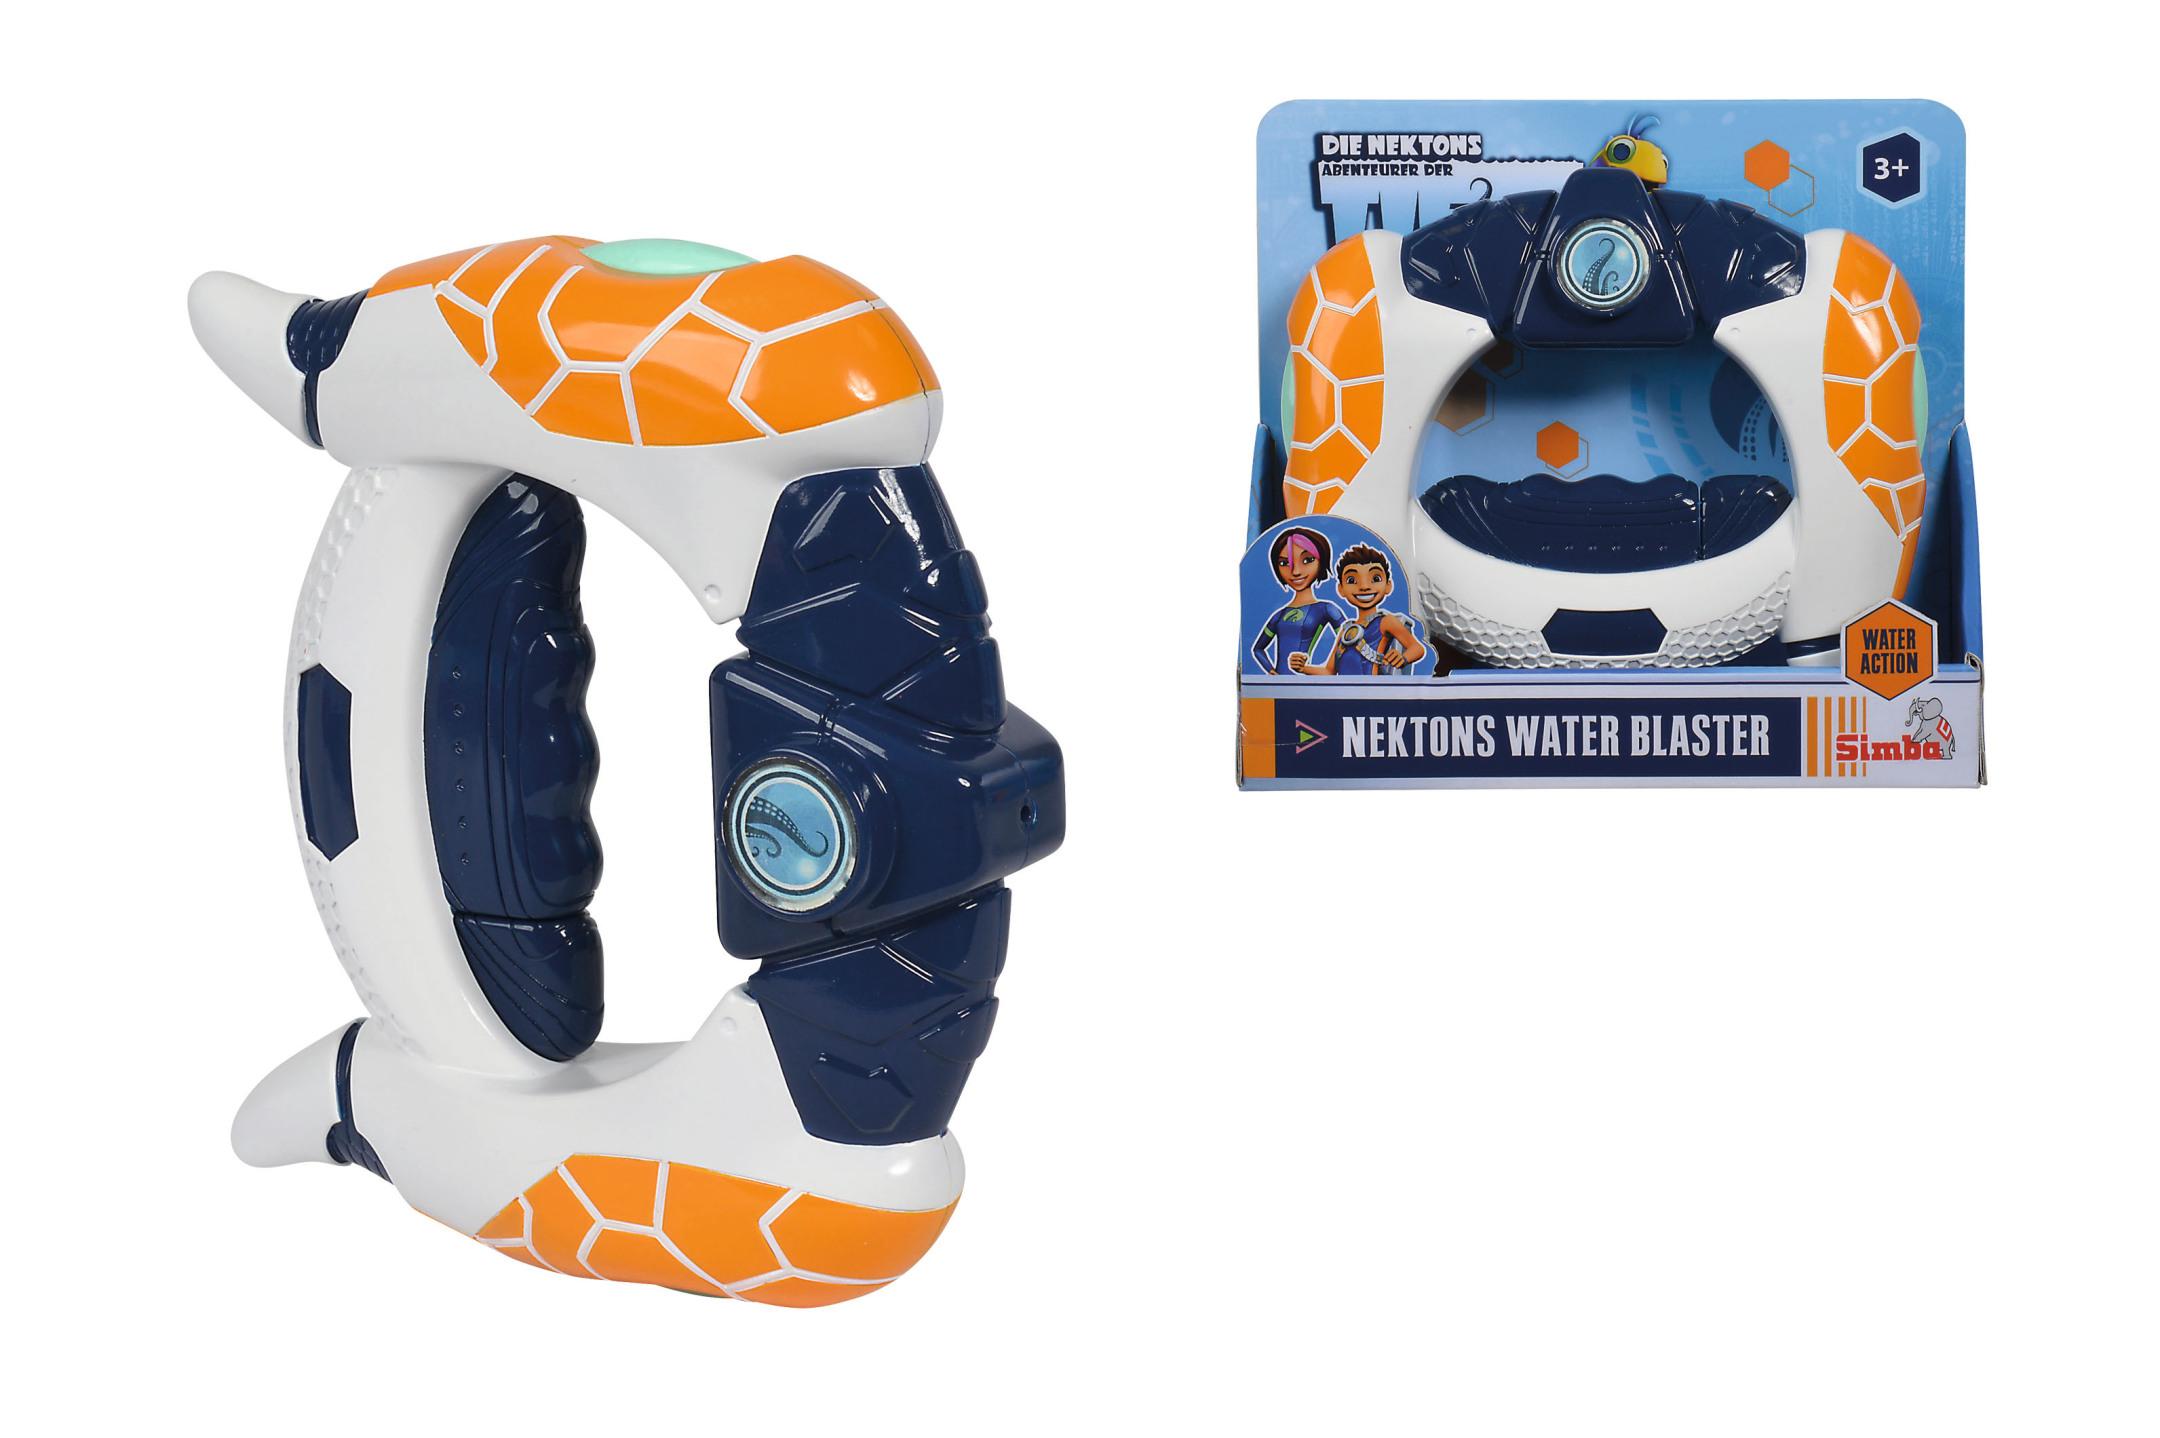 Deep Nektons Wasserpistole